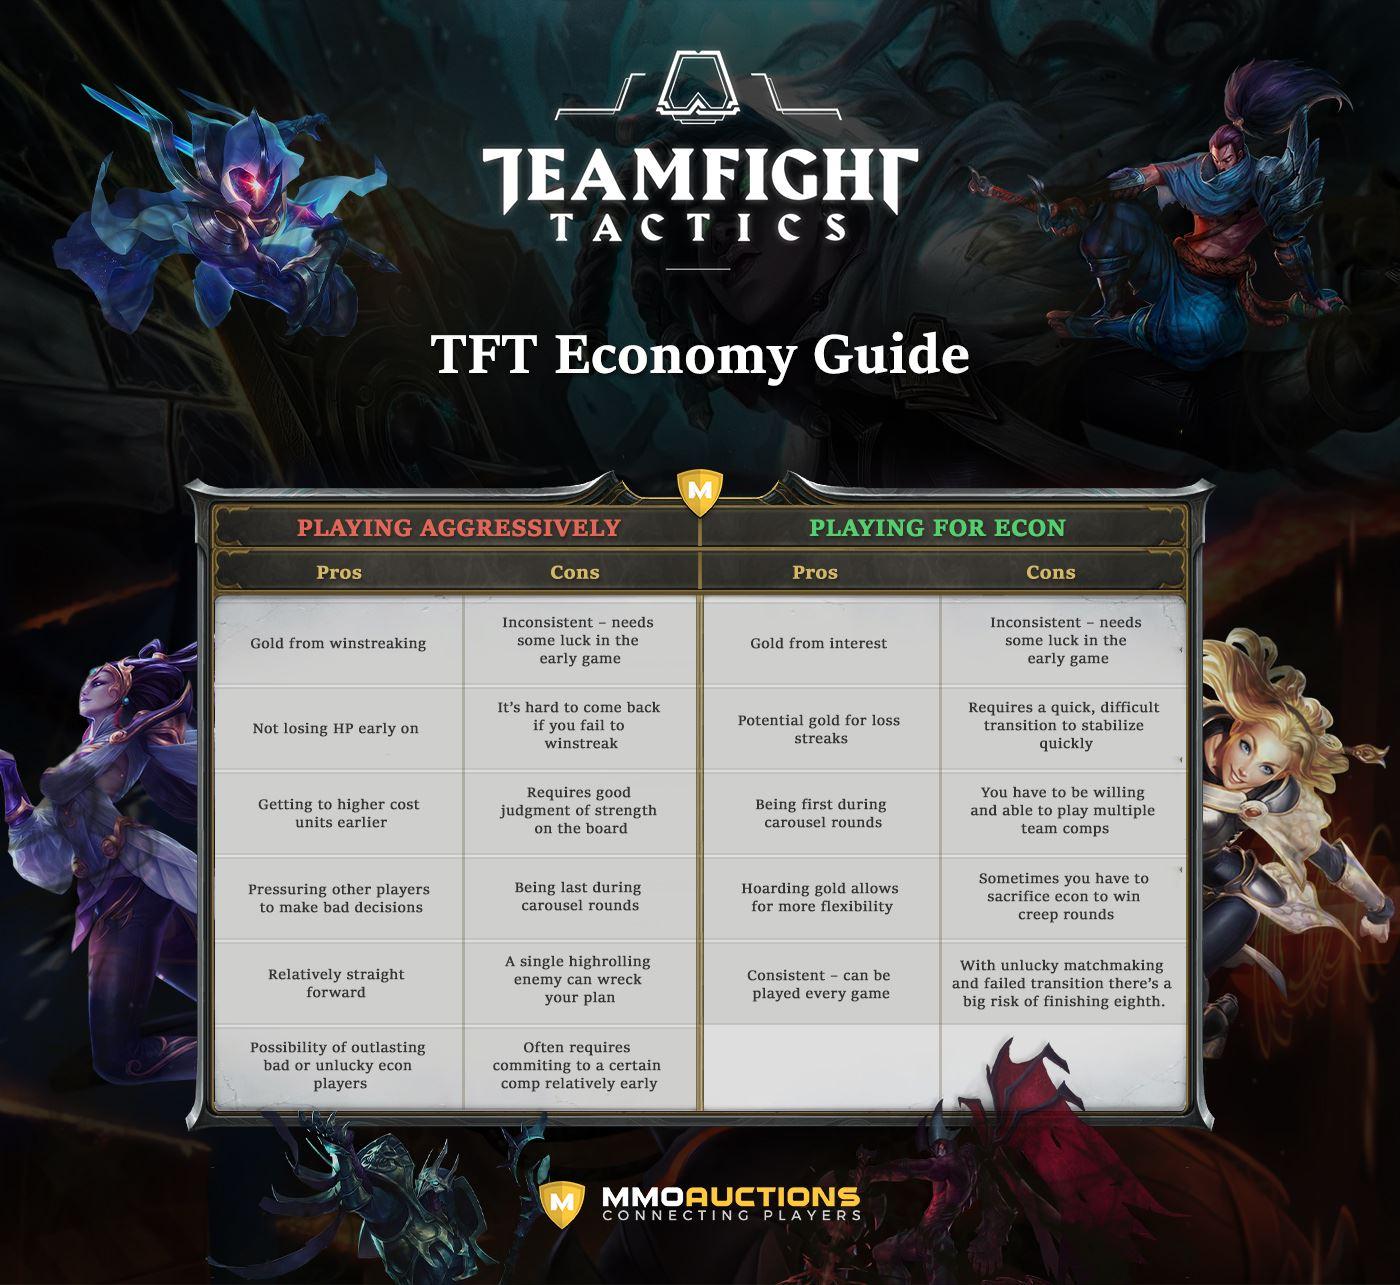 tft economy guide